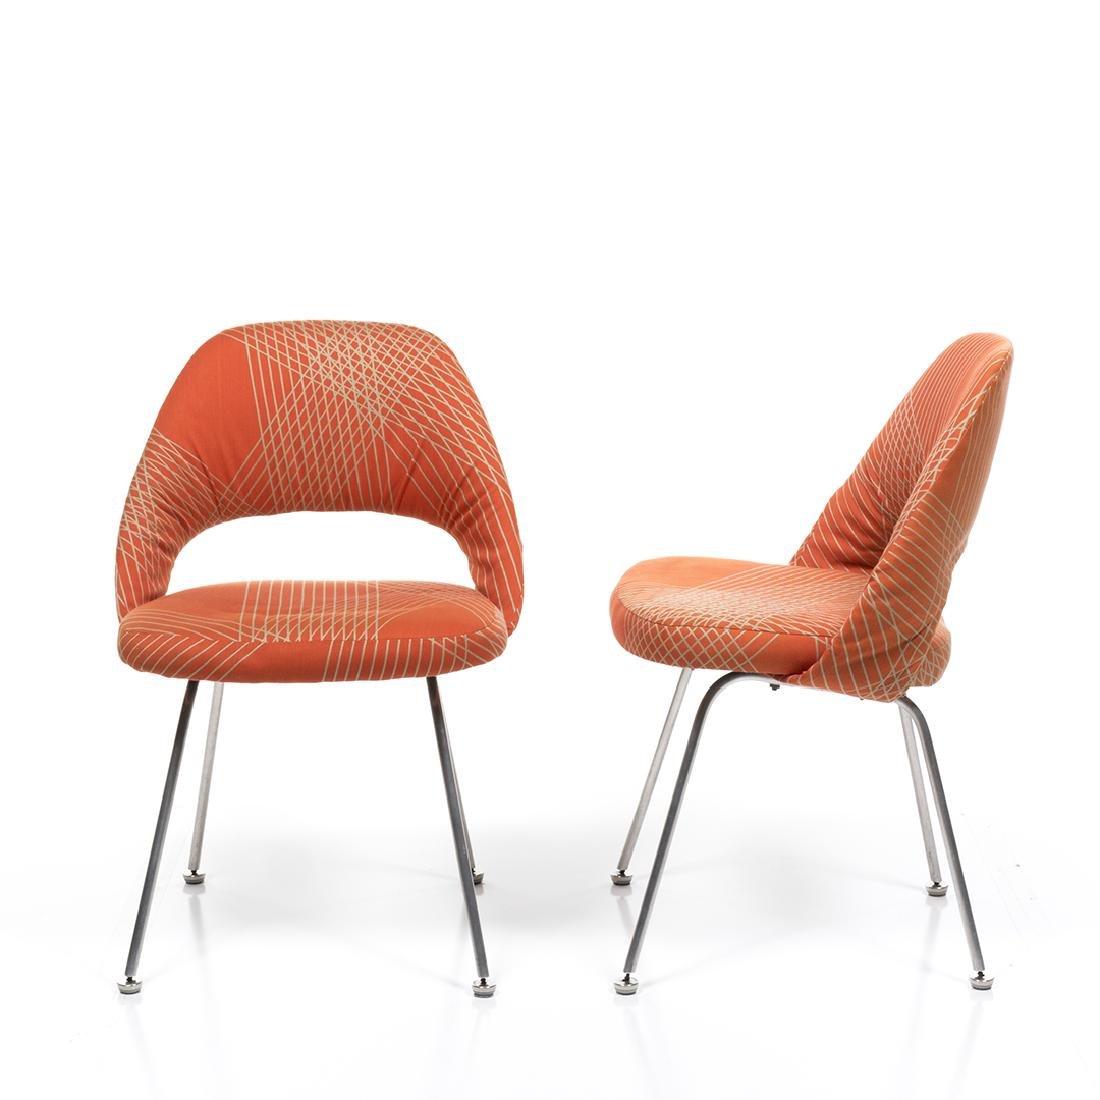 Eero Saarinen Executive Chairs - 2